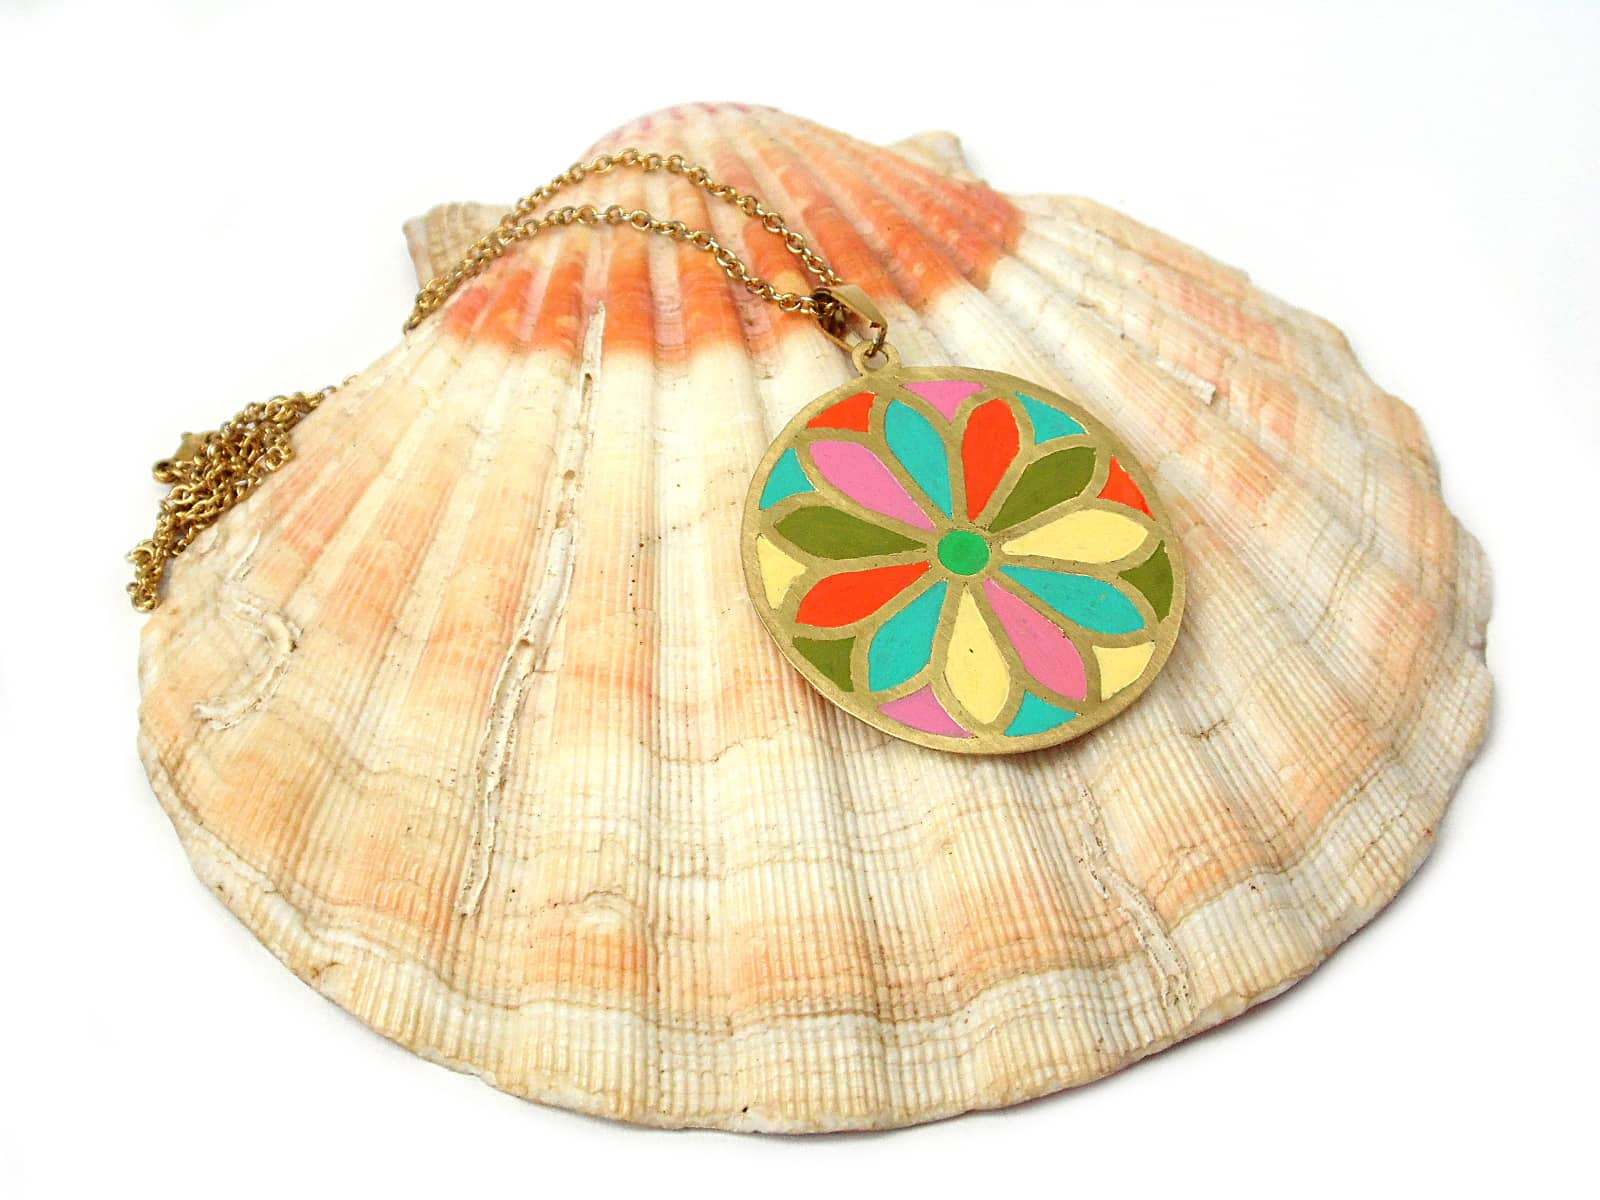 Naszyjnik z mosiądzu z wymalowaną kolorową rozetą